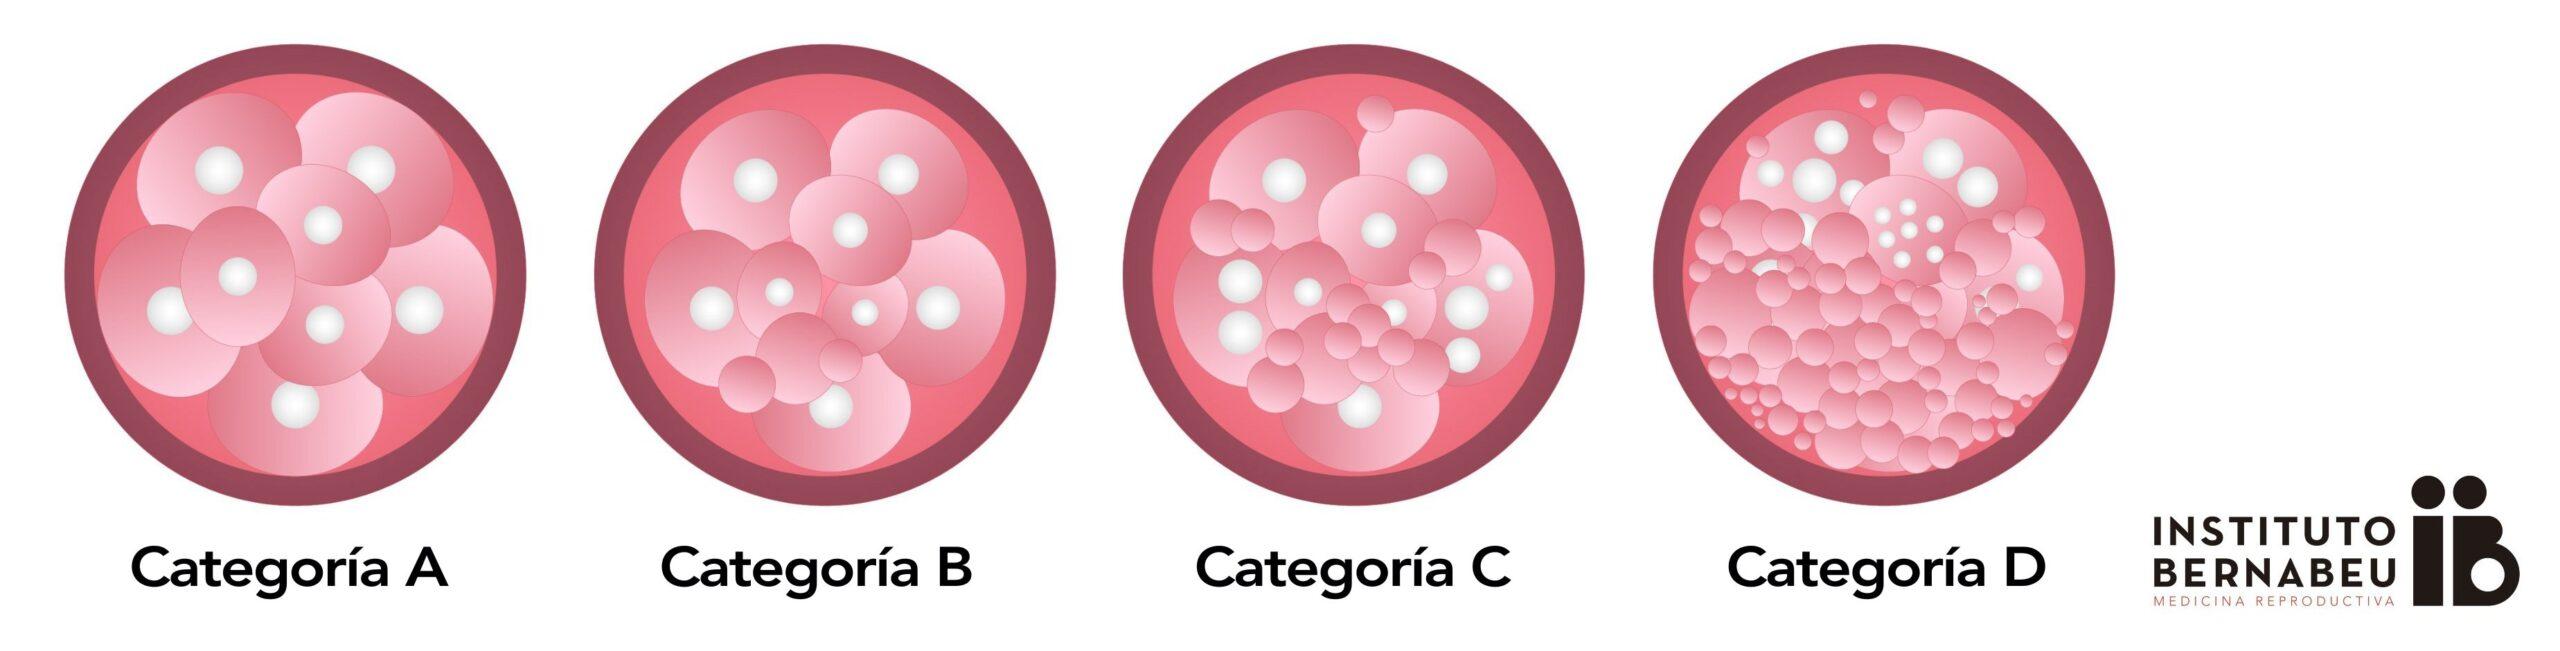 Critères pour la classification des embryons